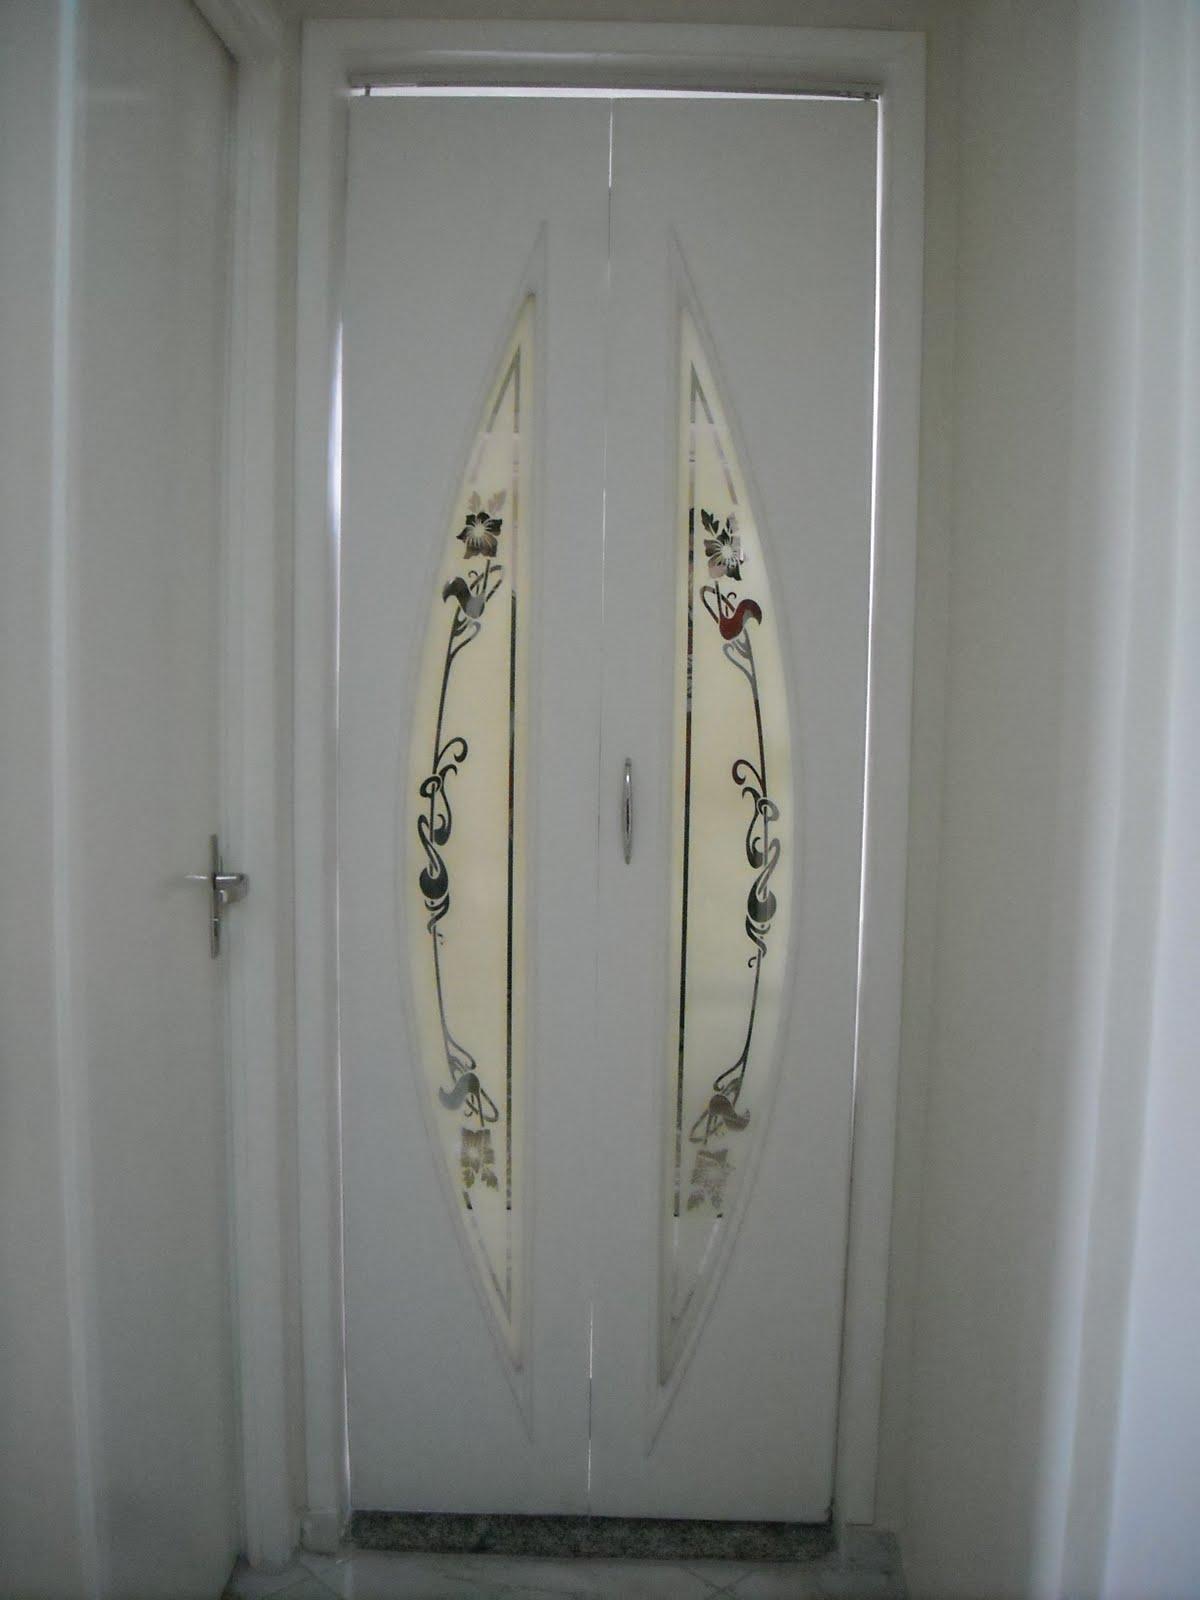 #736E58 porta camarão com vidro jateado porta em vidro temperado santa 1200x1600 px porta para banheiro de vidro jateado